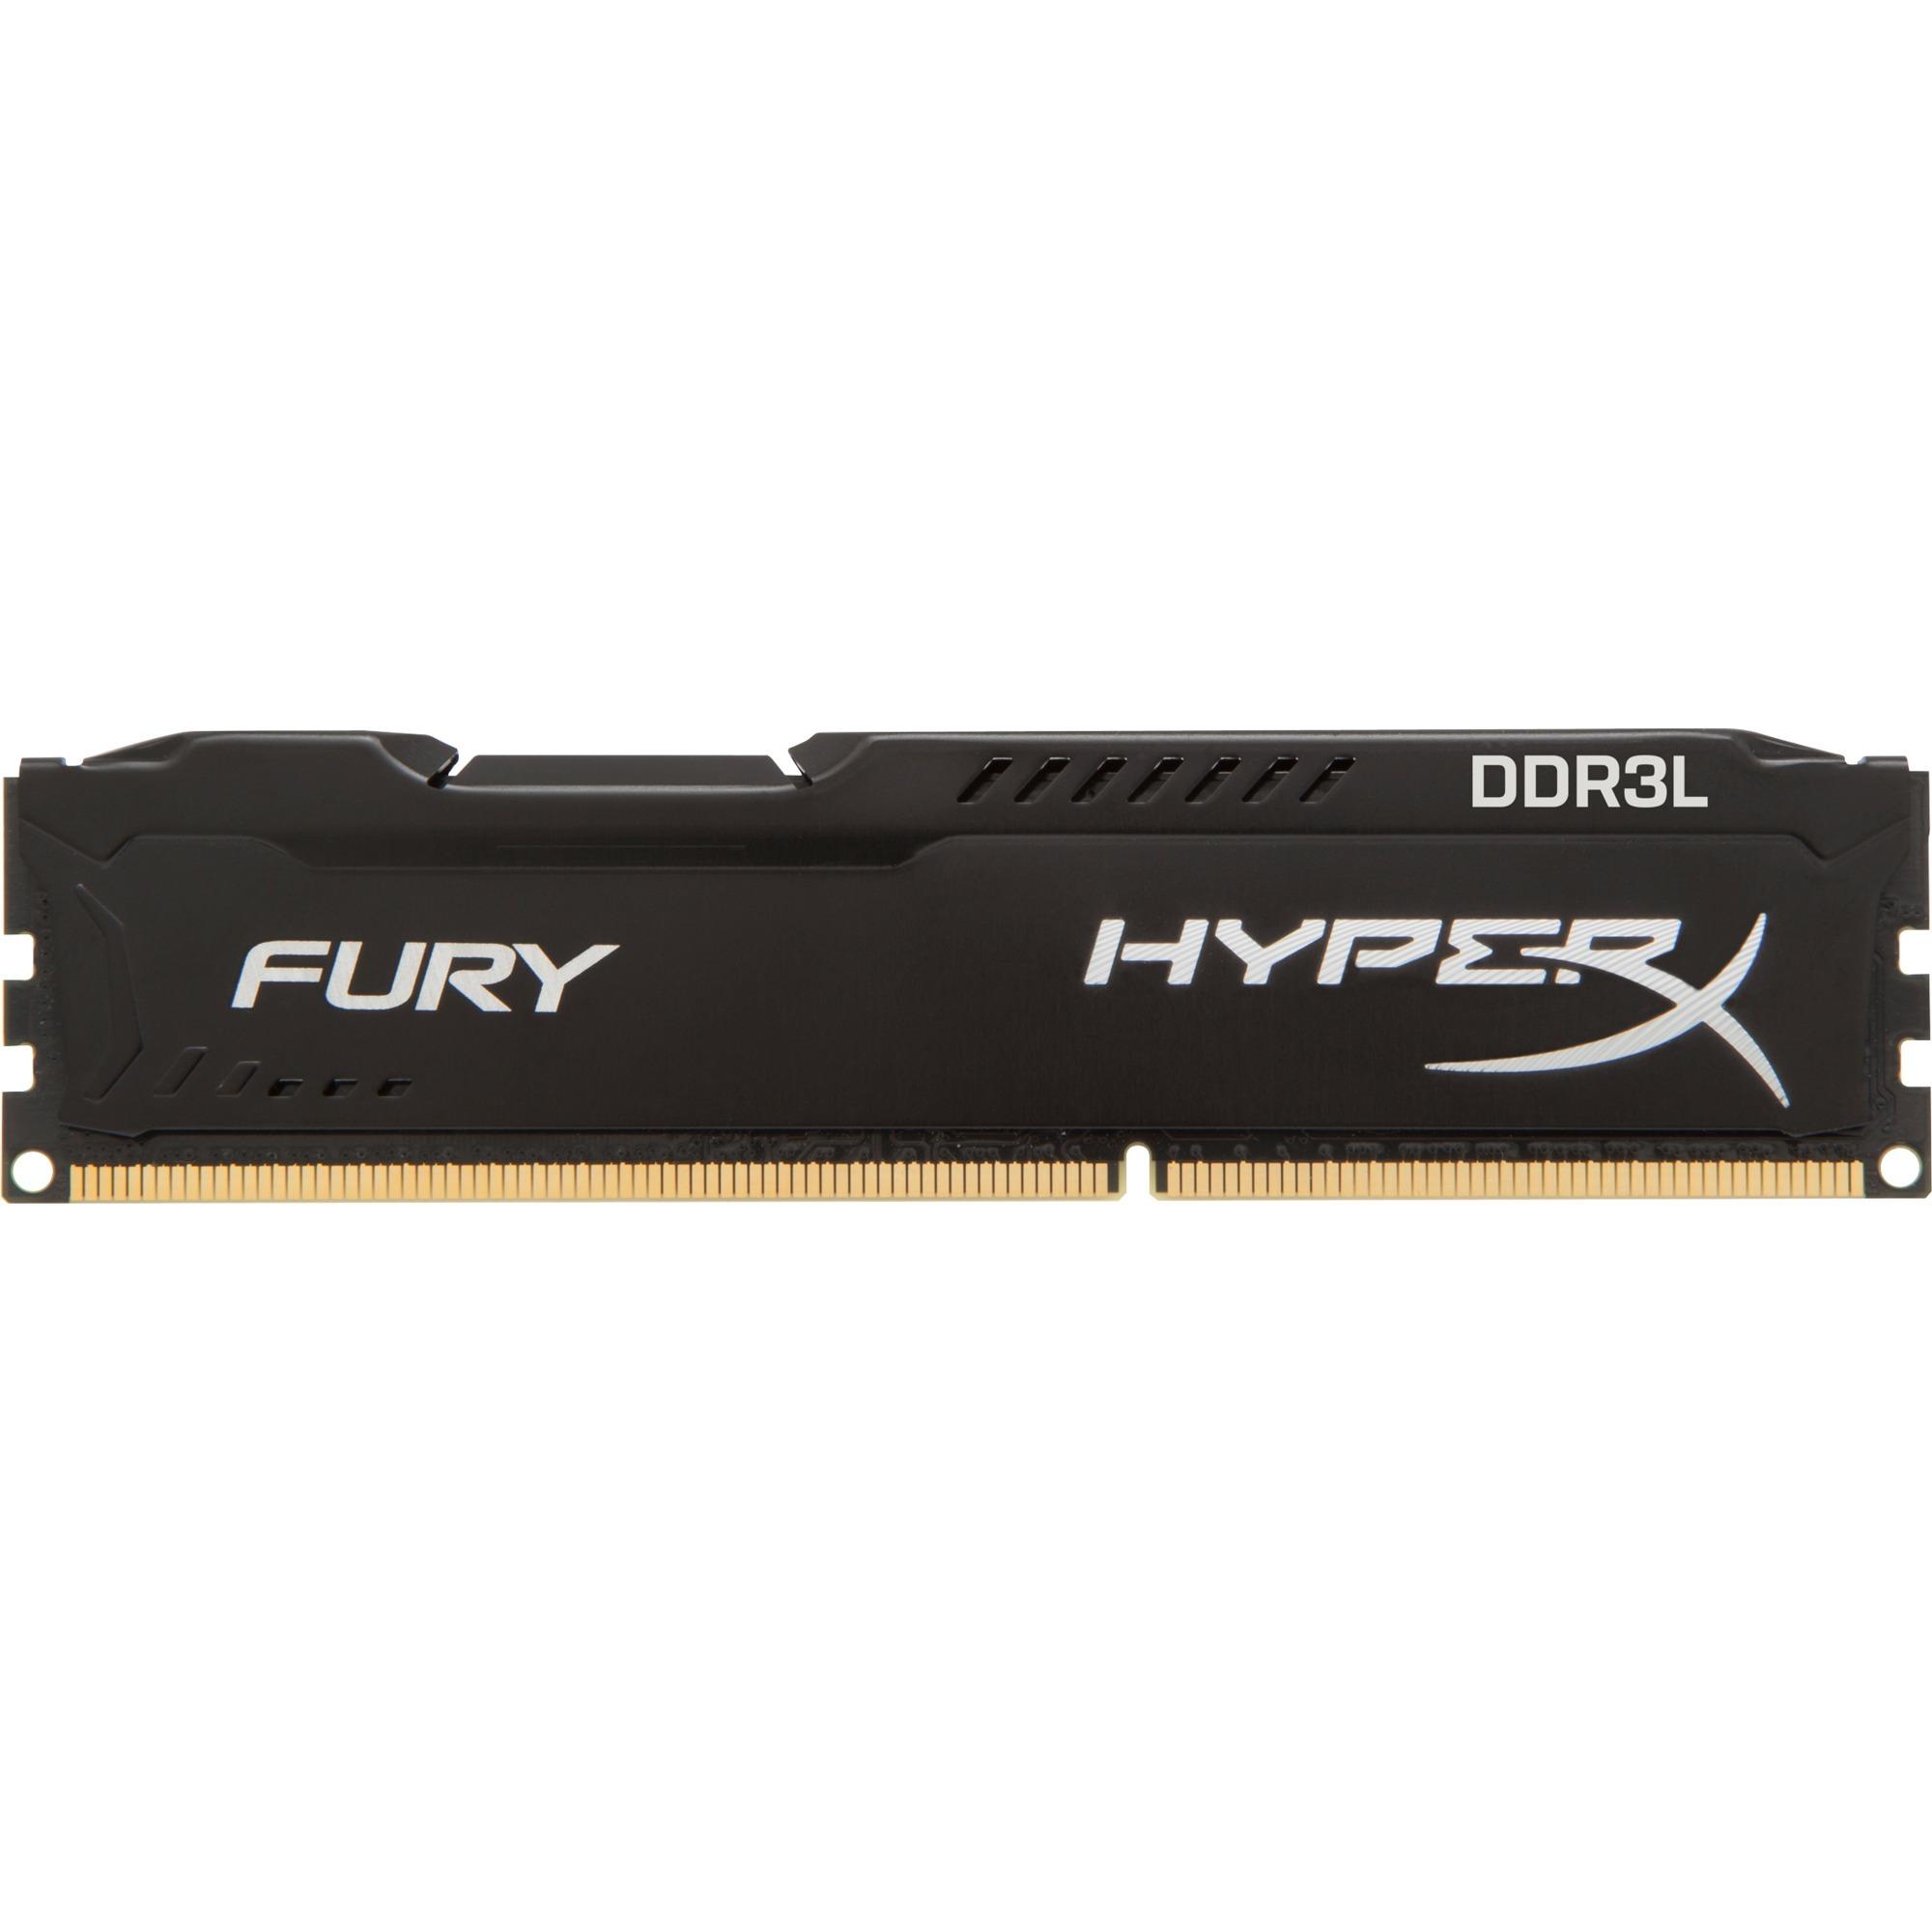 4GB, DDR3L 4GB DDR3L 1866MHz módulo de memoria, Memoria RAM